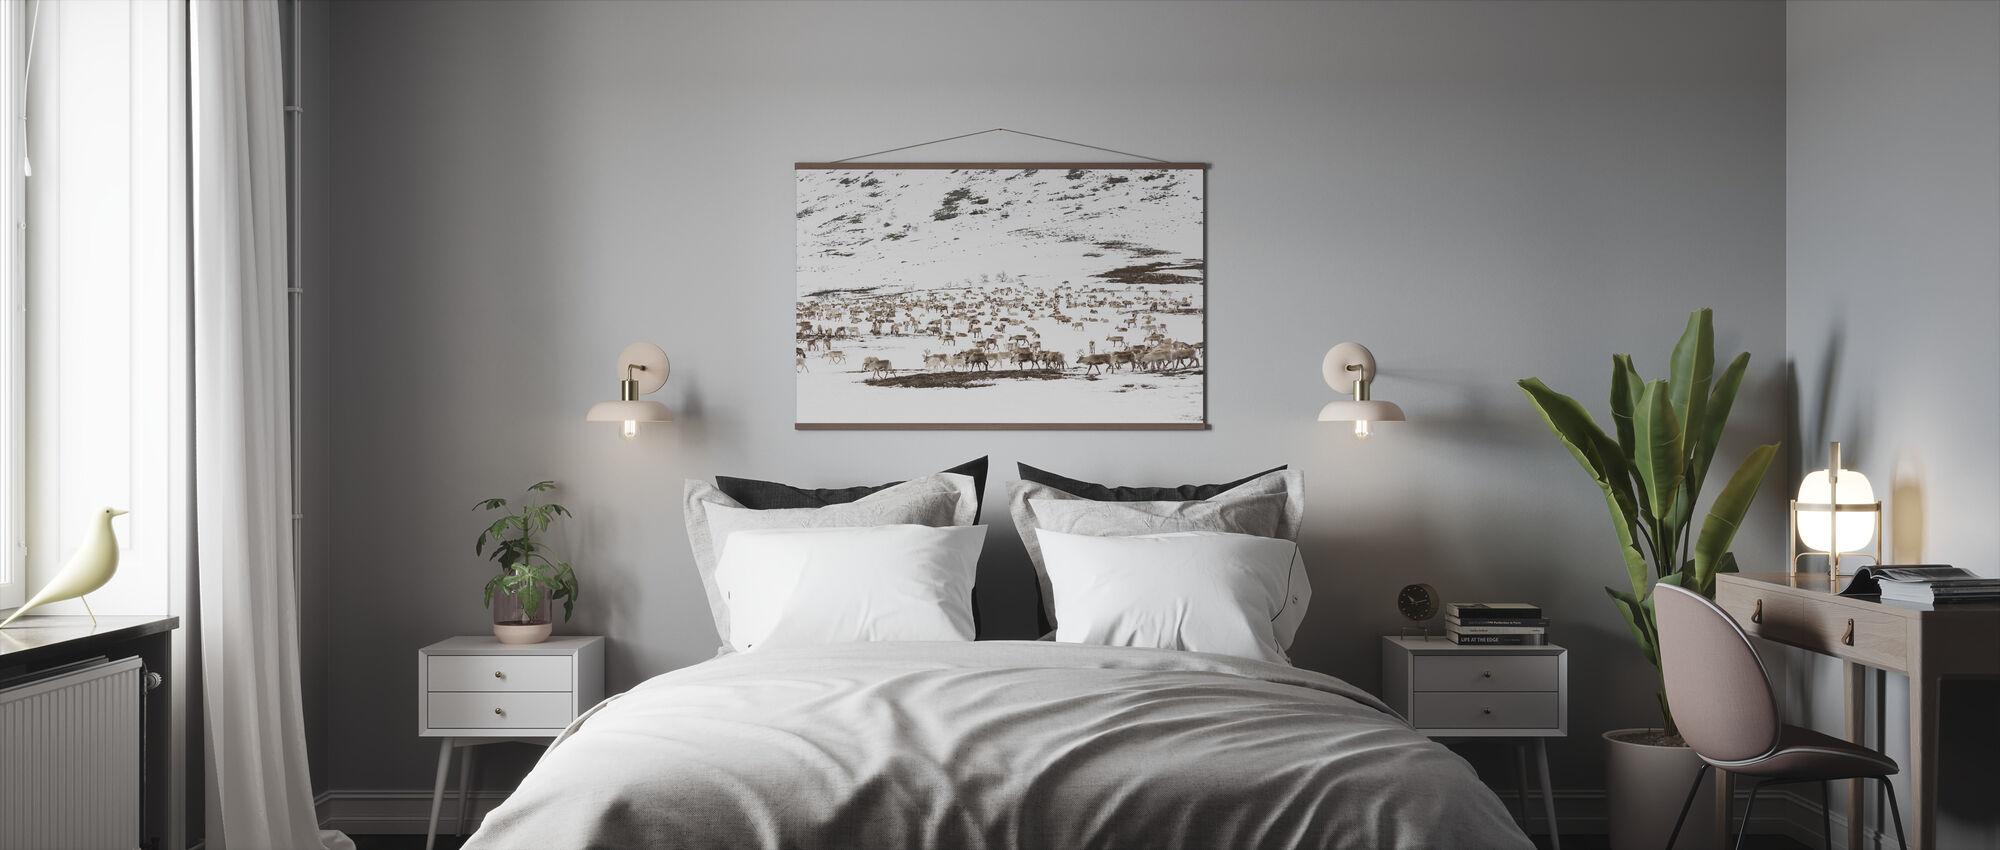 Renar i vinterlandskapet - Poster - Sovrum